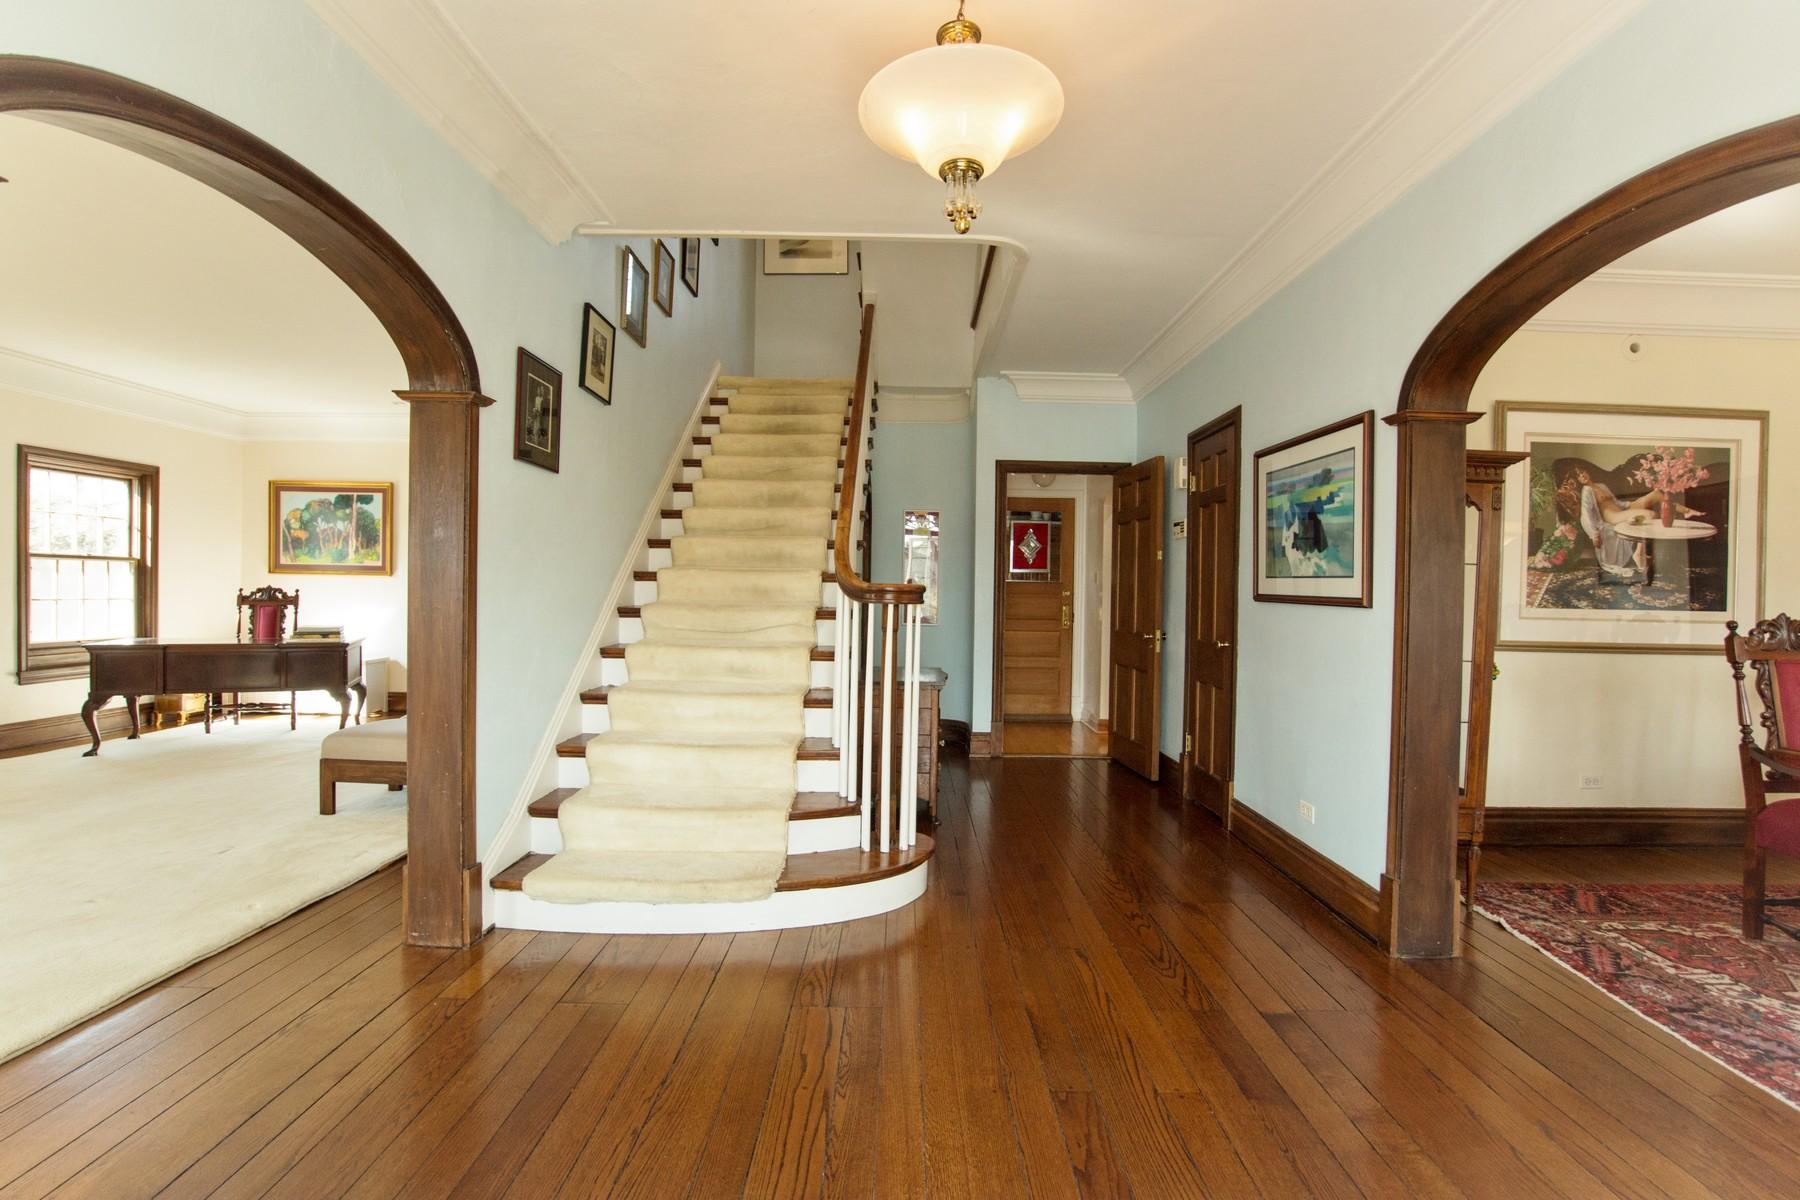 Casa Unifamiliar por un Venta en 644 S. County Line Road, Hinsdale Hinsdale, Illinois, 60521 Estados Unidos